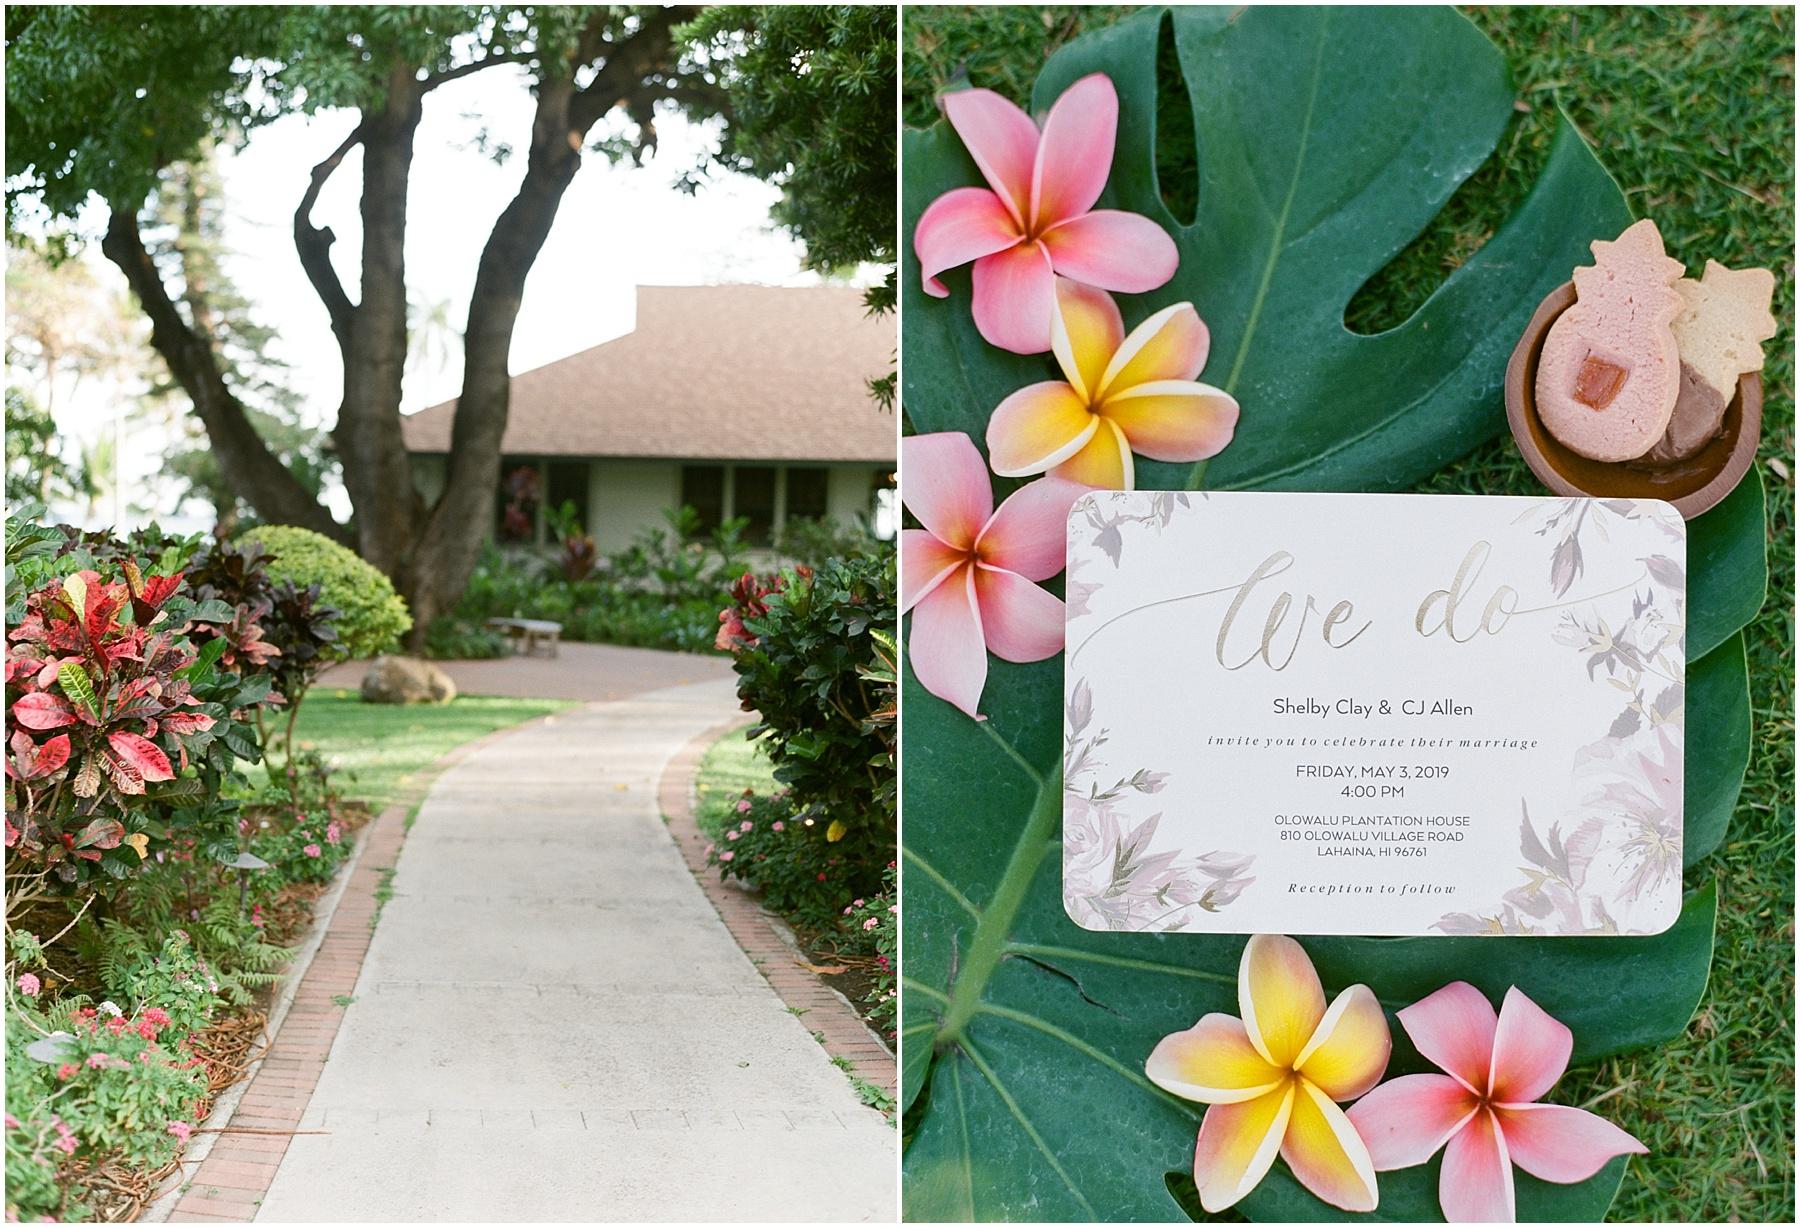 Olowalu-plantation-house-maui-hawaii-wedding-137-1.jpg